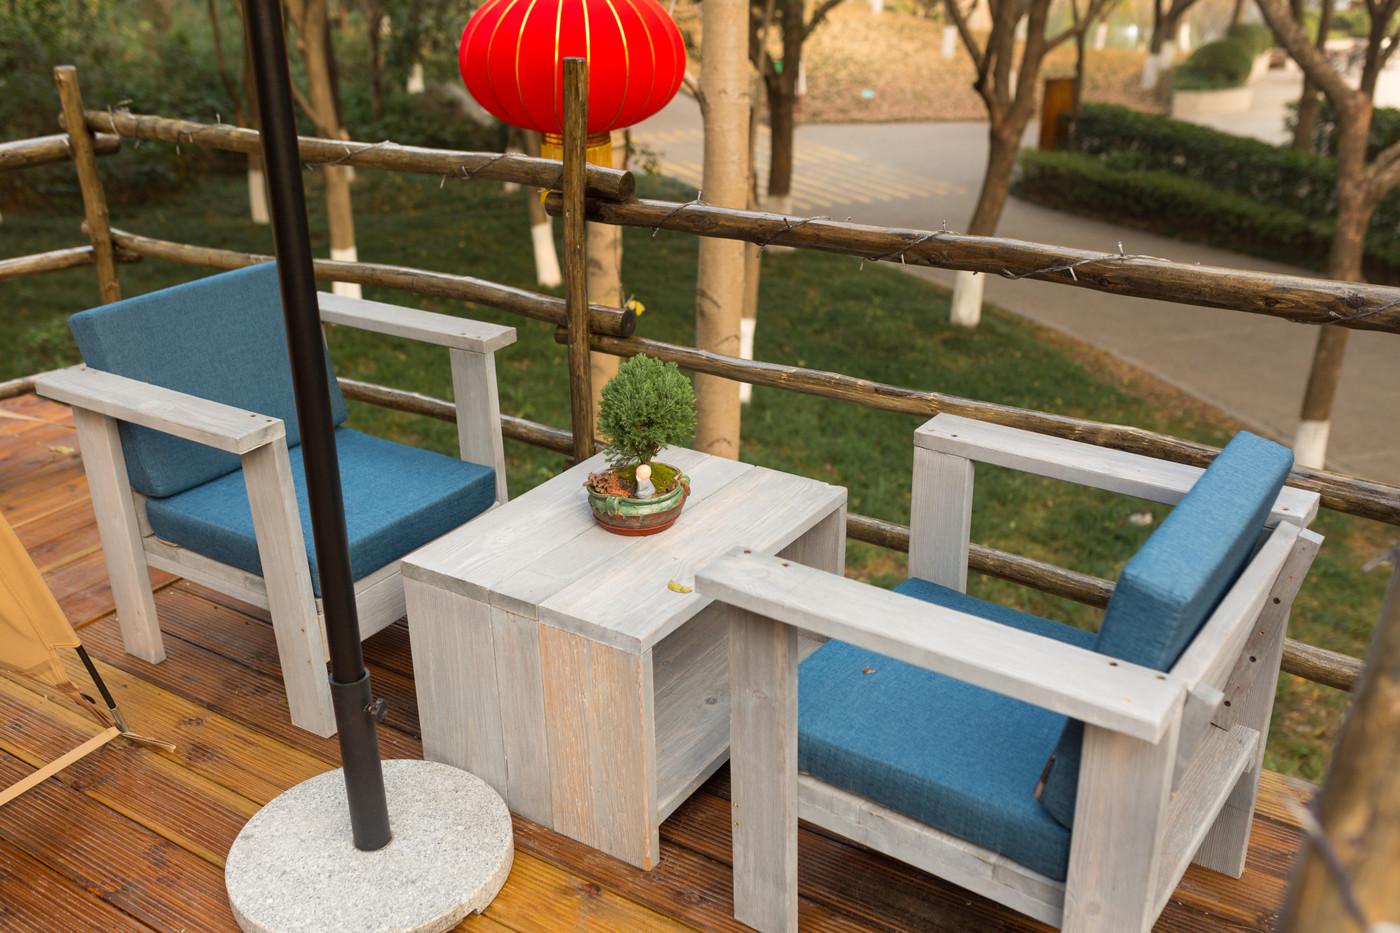 喜马拉雅野奢帐篷酒店—江苏常州天目湖树屋帐篷酒店33